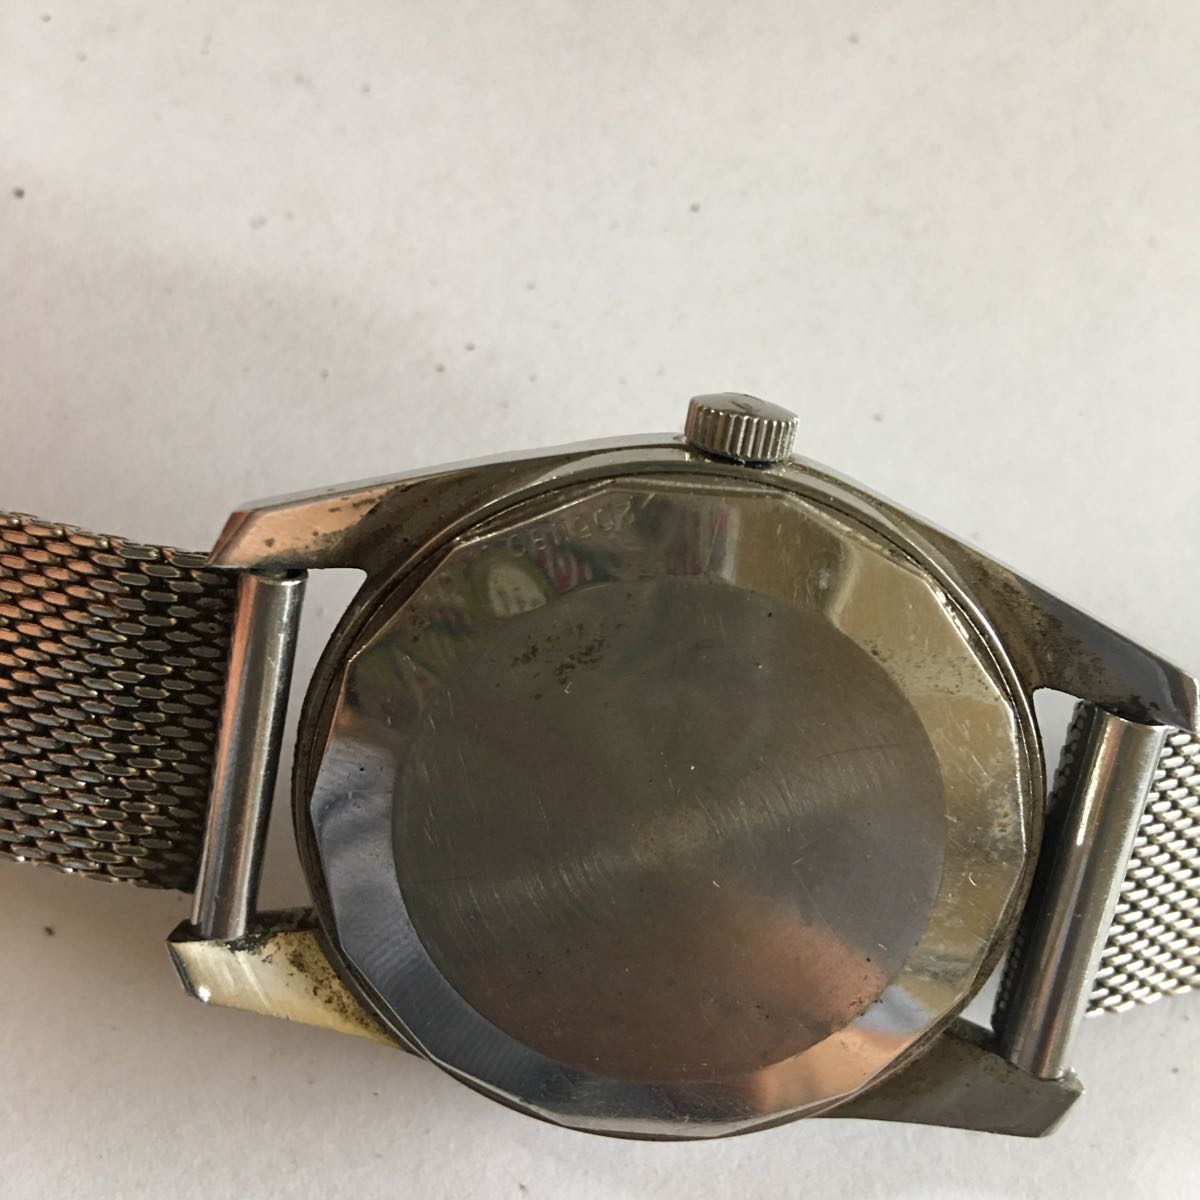 IWC インターナショナル ウォッチカンパニー SS 自動巻き デイト ラウンド アンティーク メンズ 腕時計 管理番号01_画像5